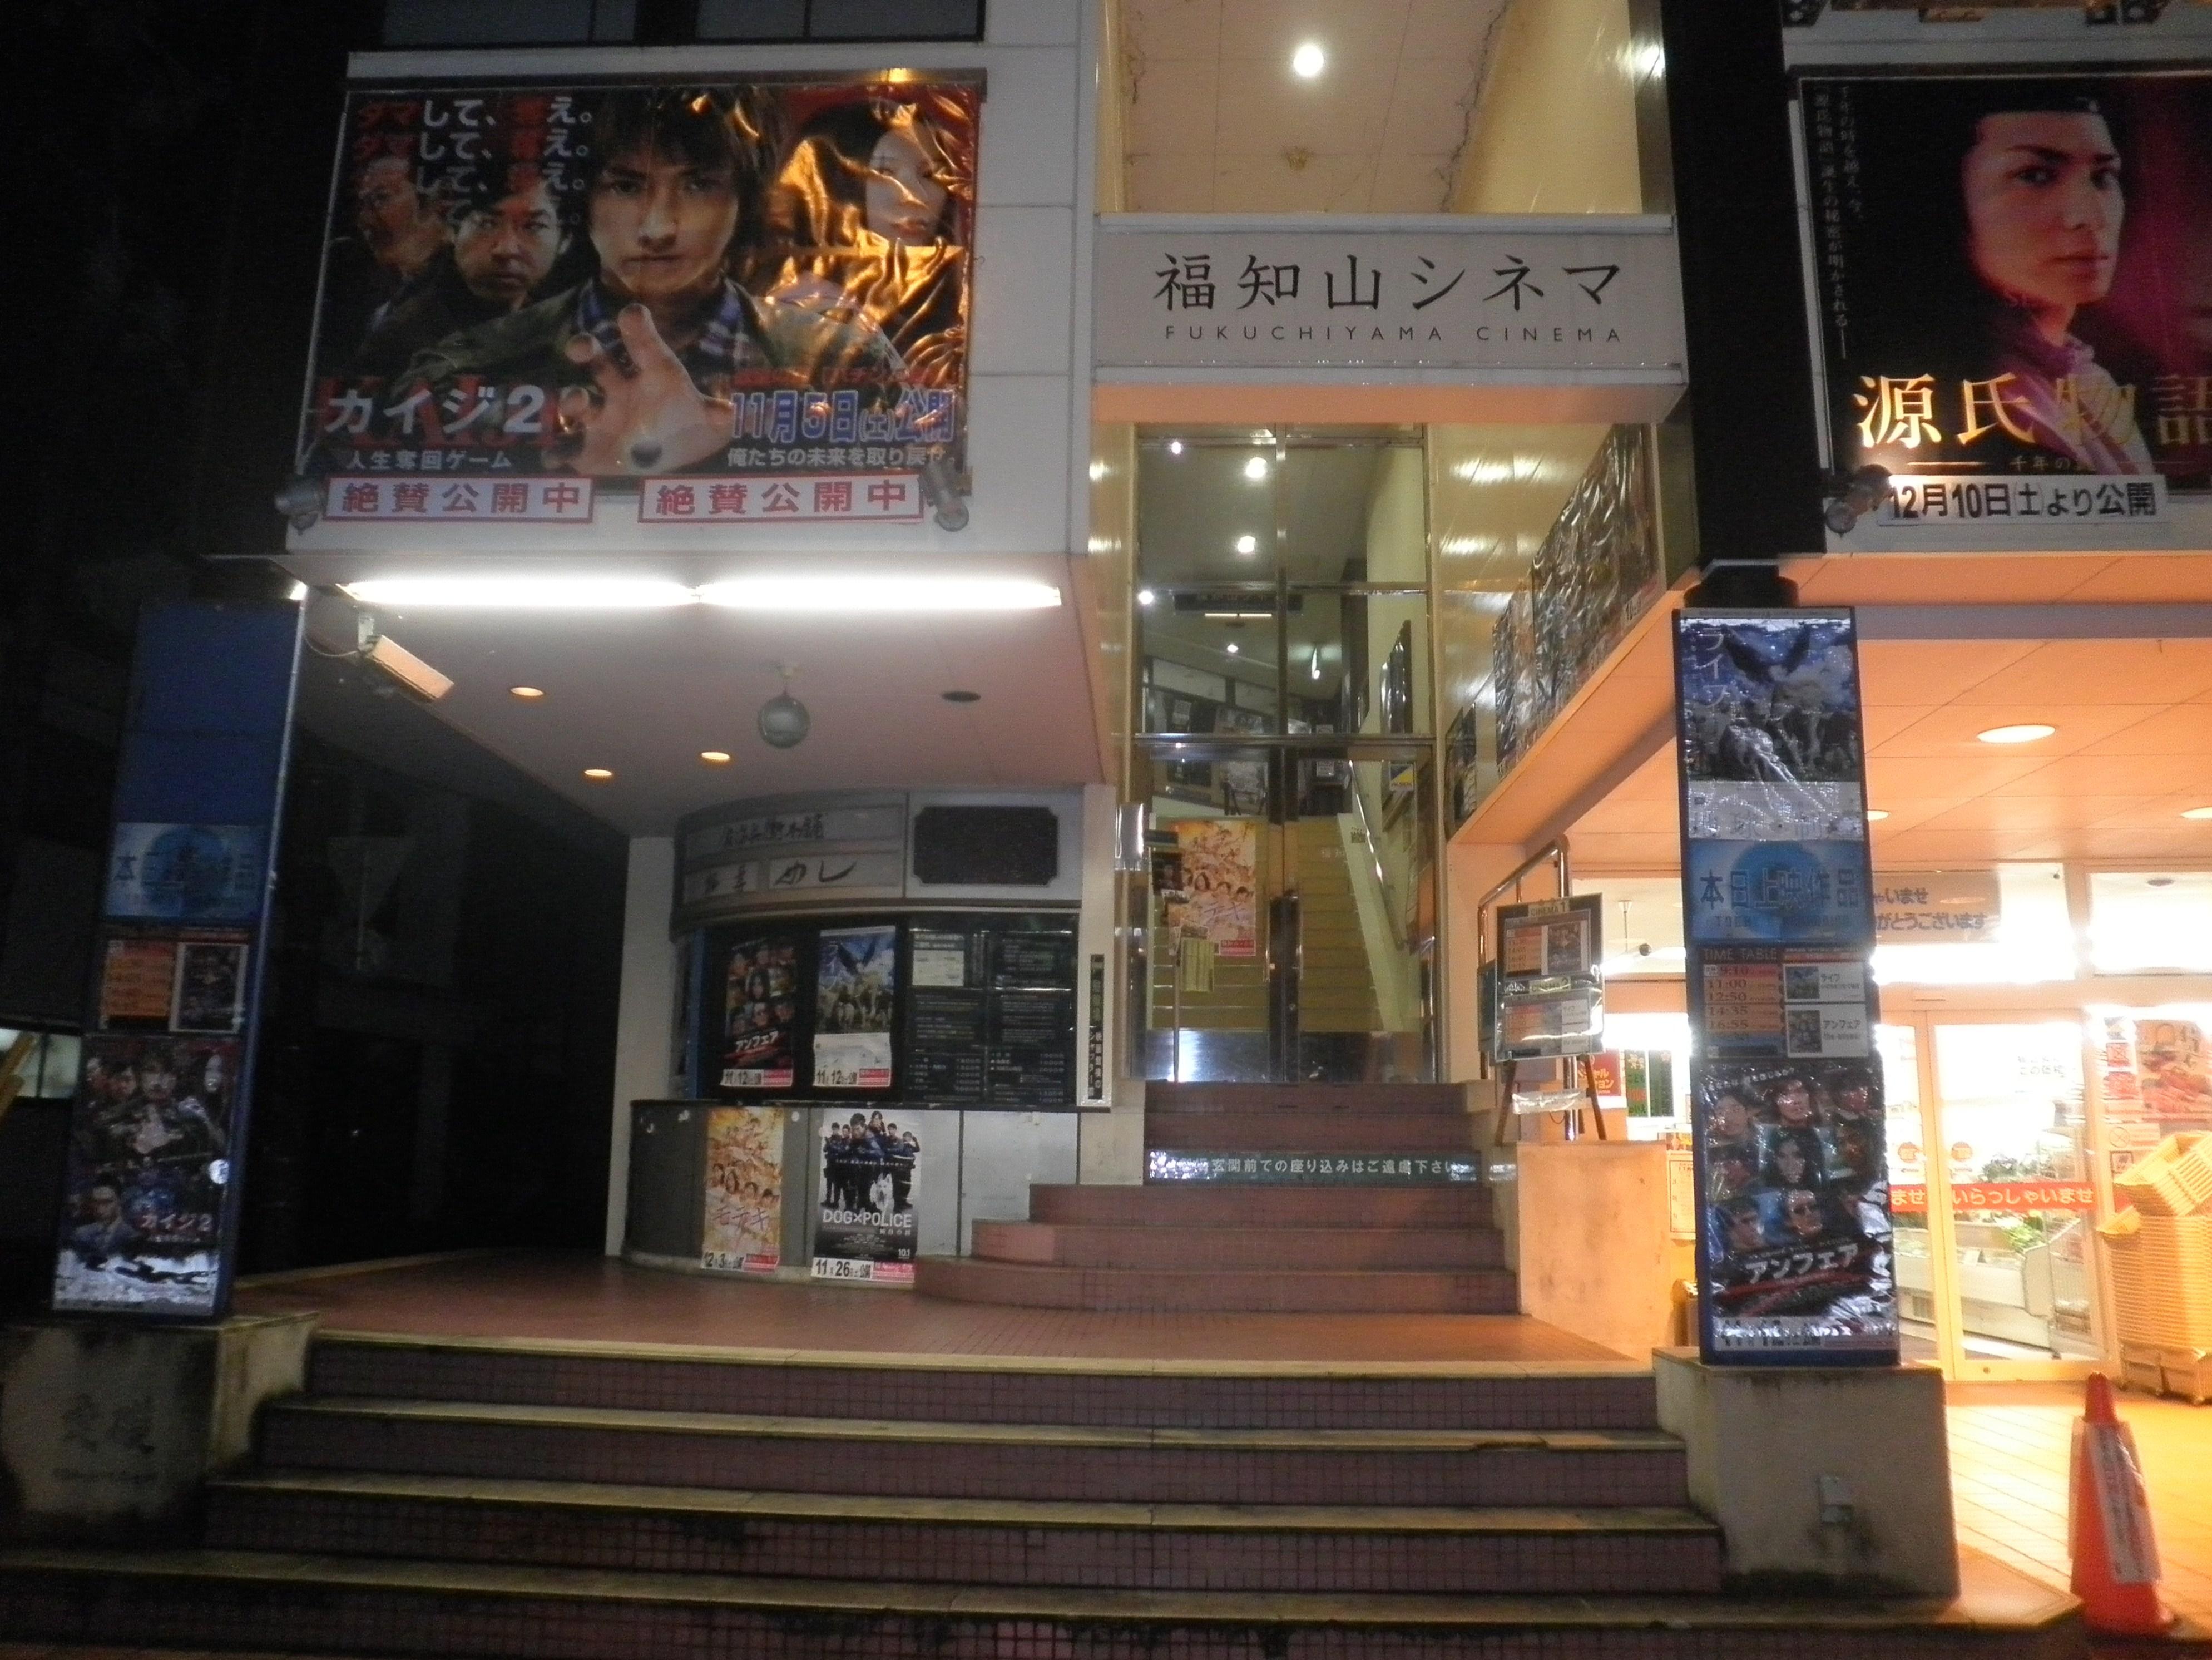 福知山シネマ Wikipedia